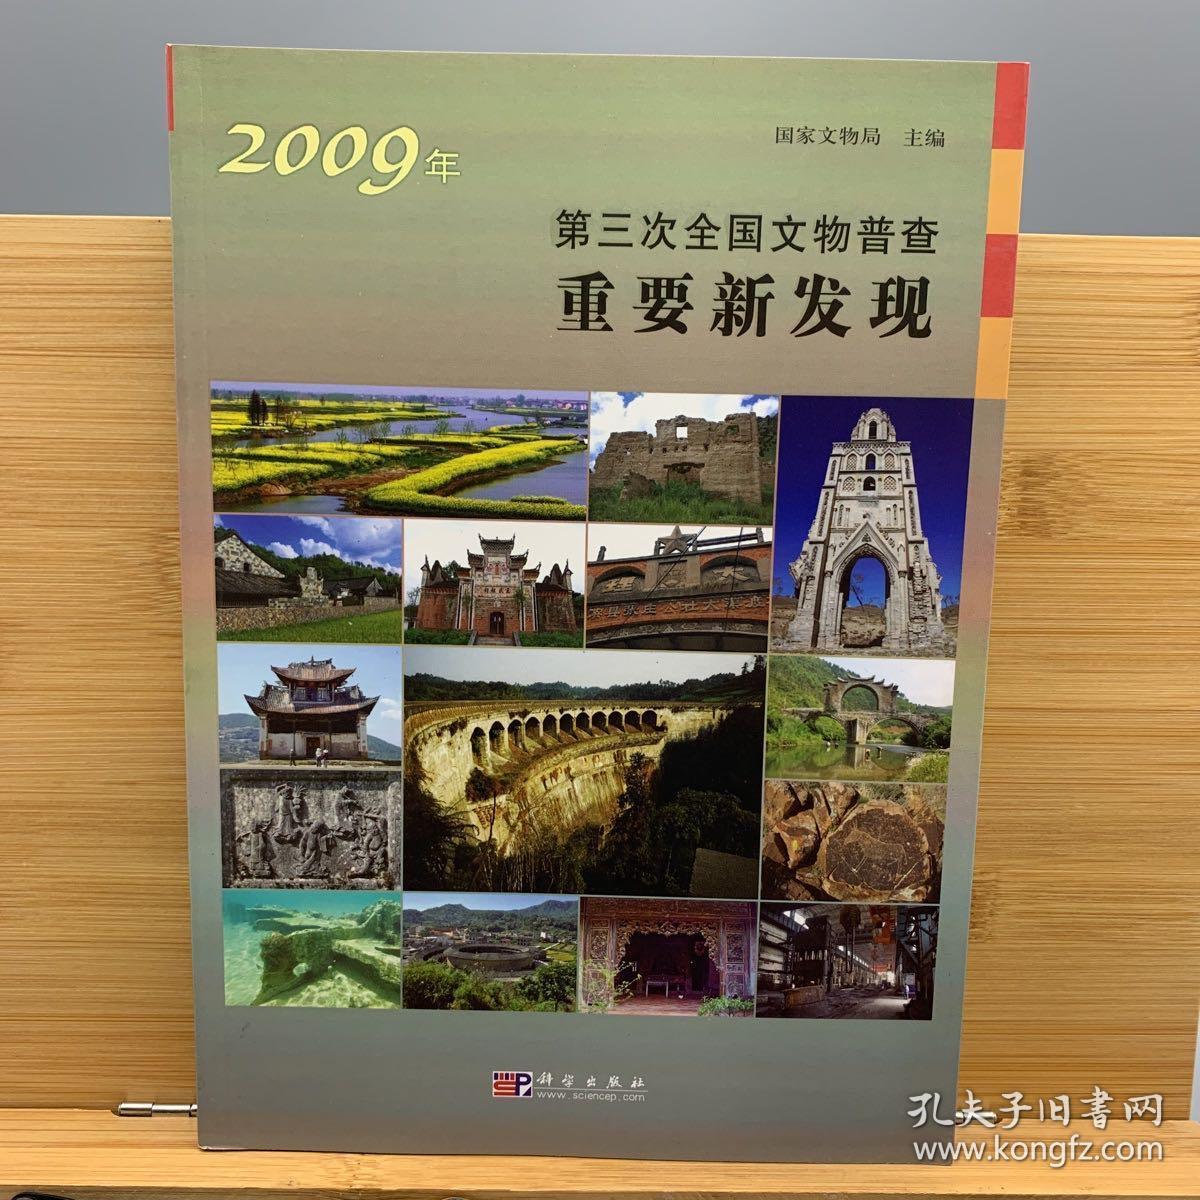 2009年第三次全国文物普查重要新发现